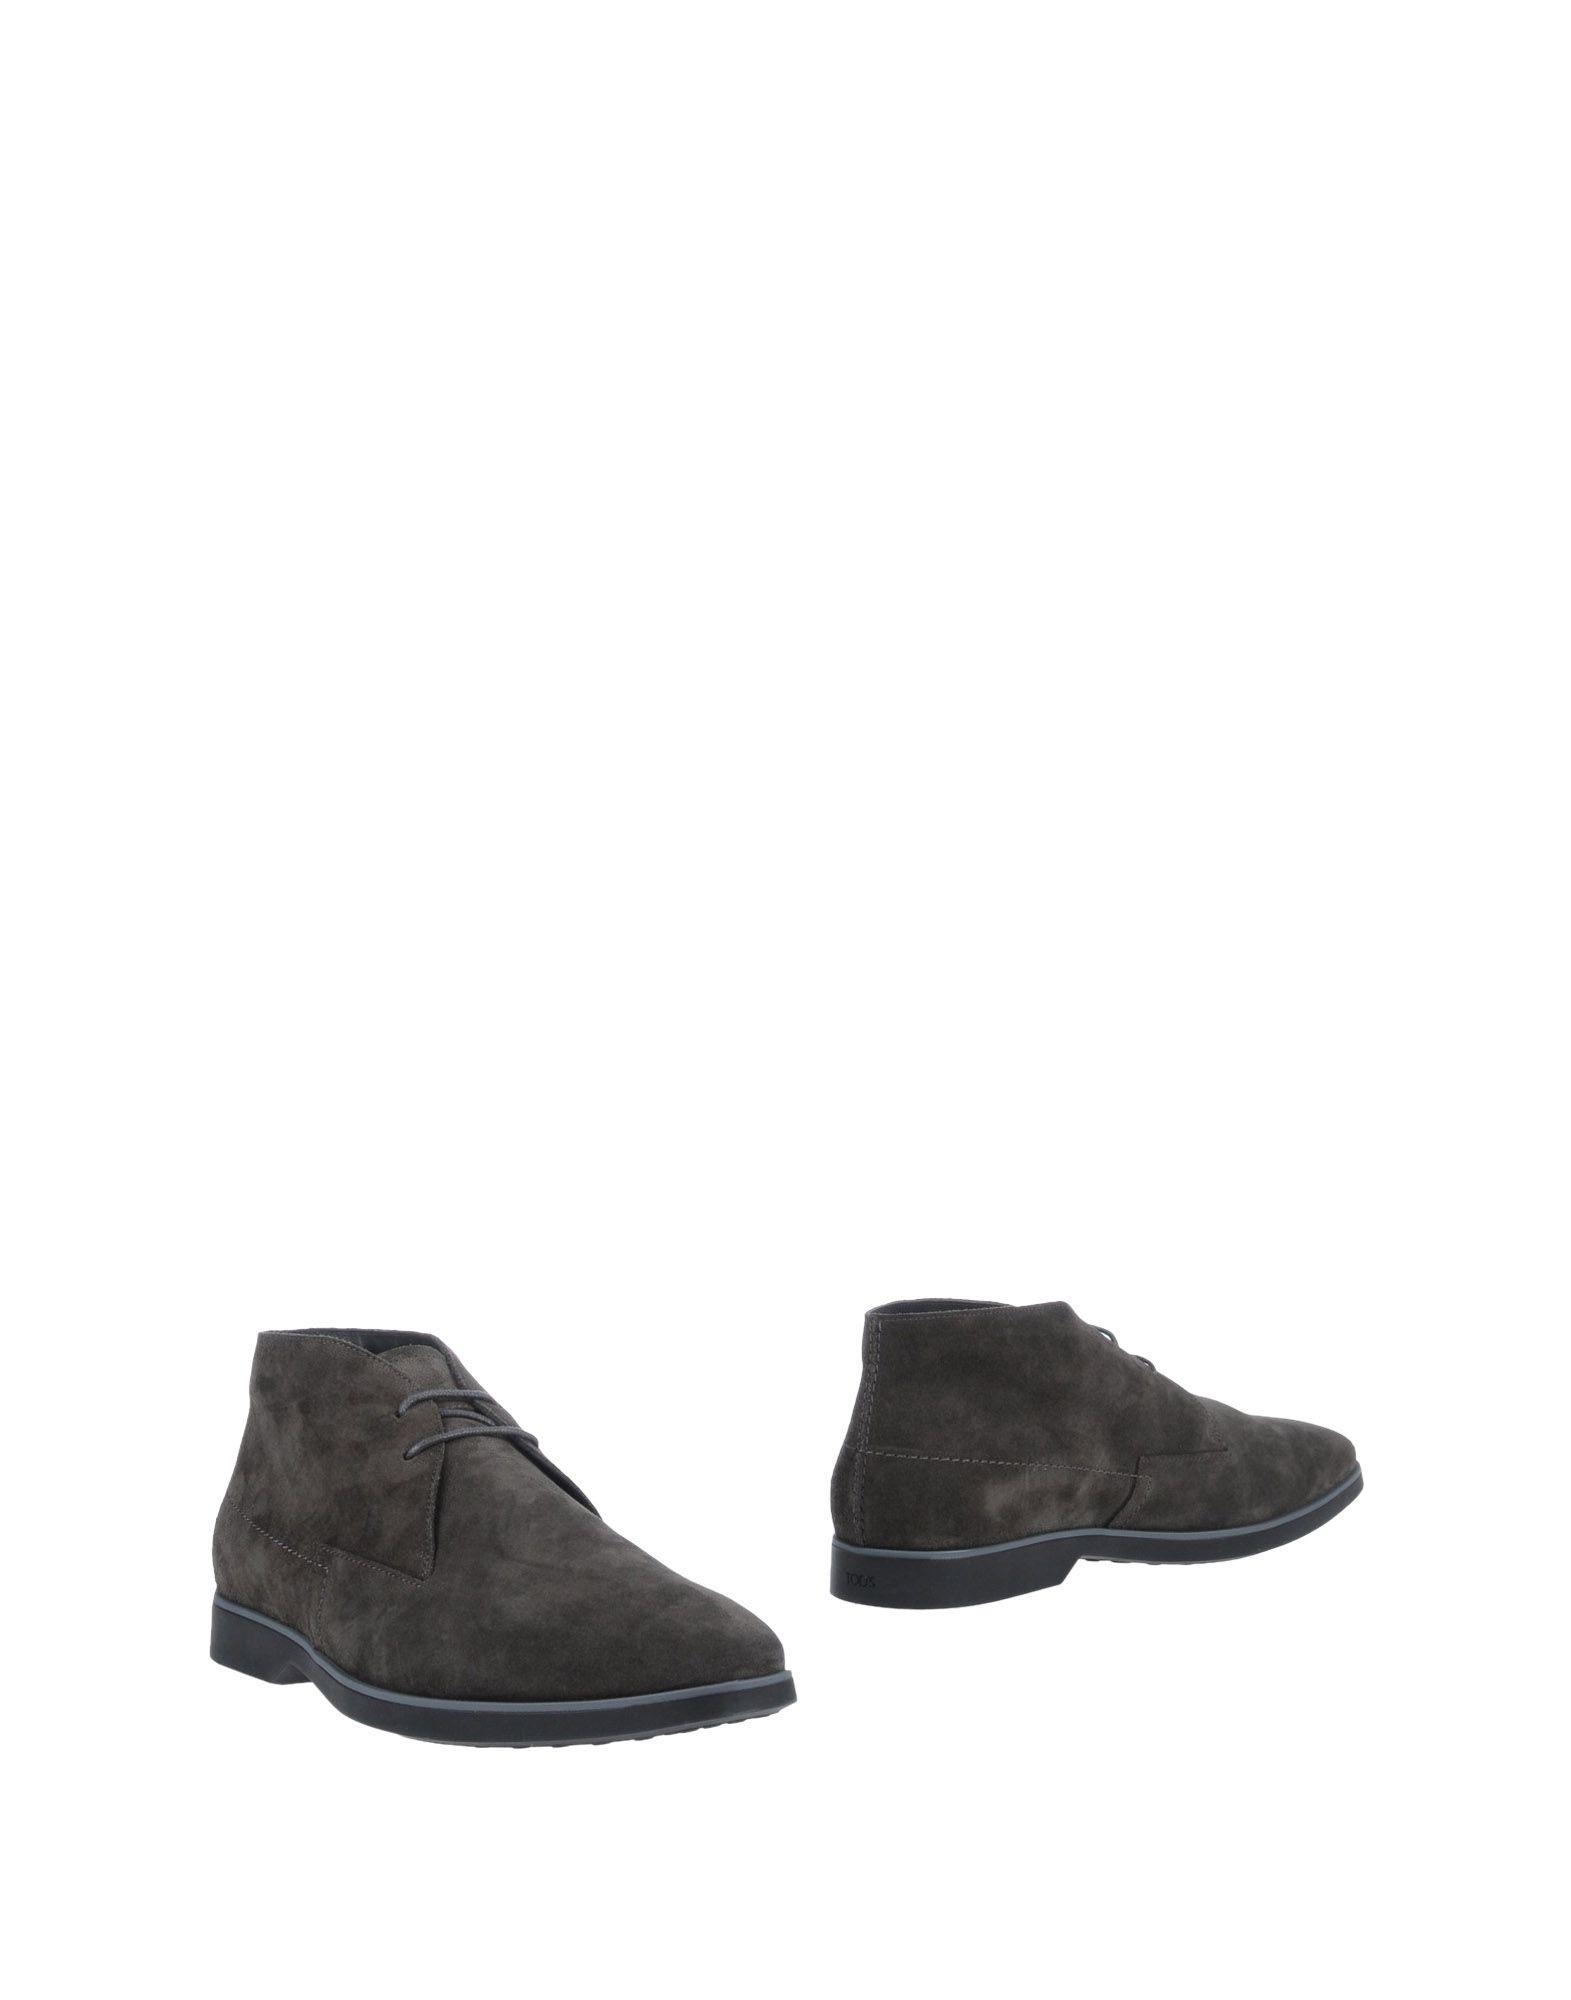 Tod's Stiefelette Herren  11506470GD Gute Qualität beliebte Schuhe